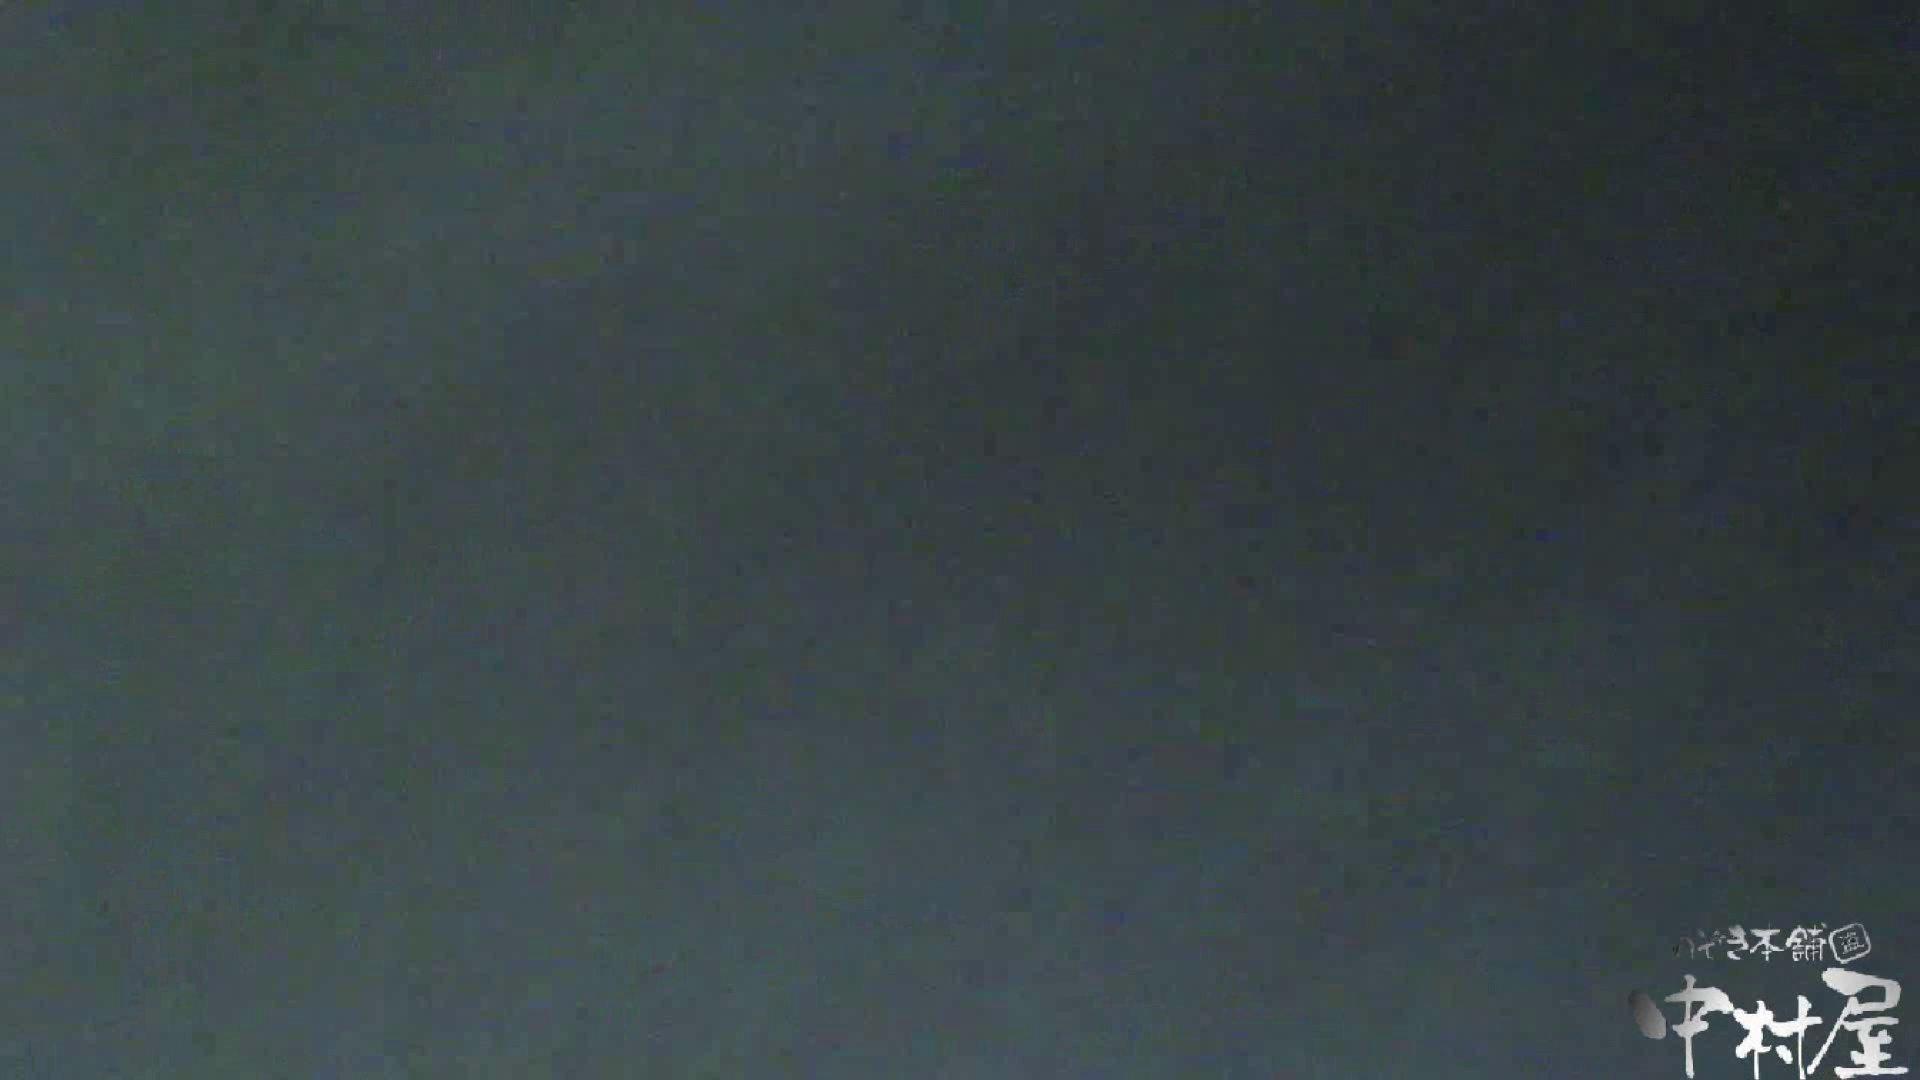 魂のかわや盗撮62連発! 丁寧にオシリをフキフキ! 38発目! 黄金水 | 盗撮特集  95画像 59